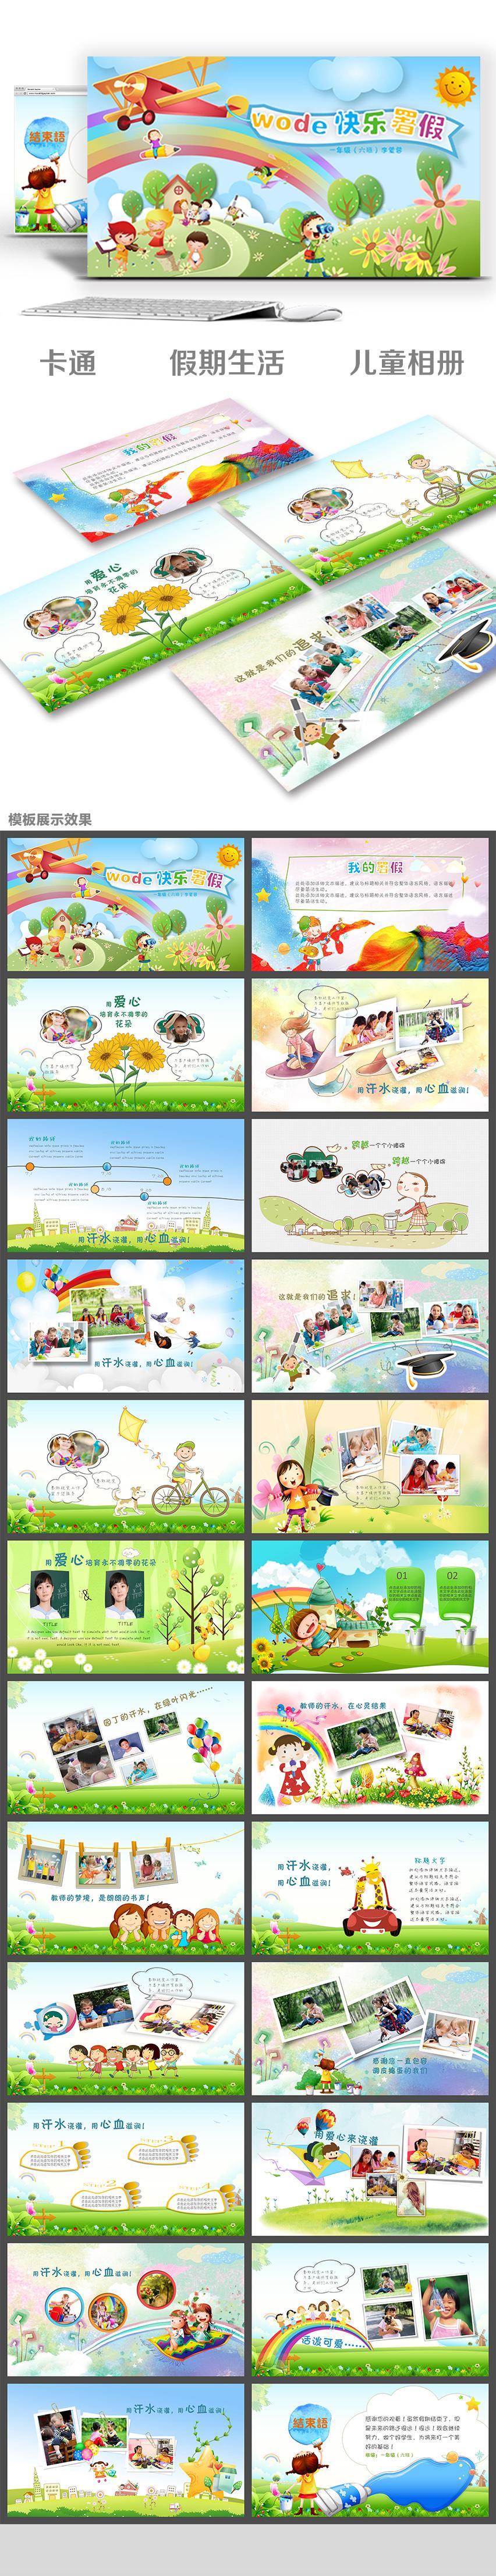 作品标题:【春秋】快乐假期儿童幼儿园小学生暑假寒假假期生活ppt